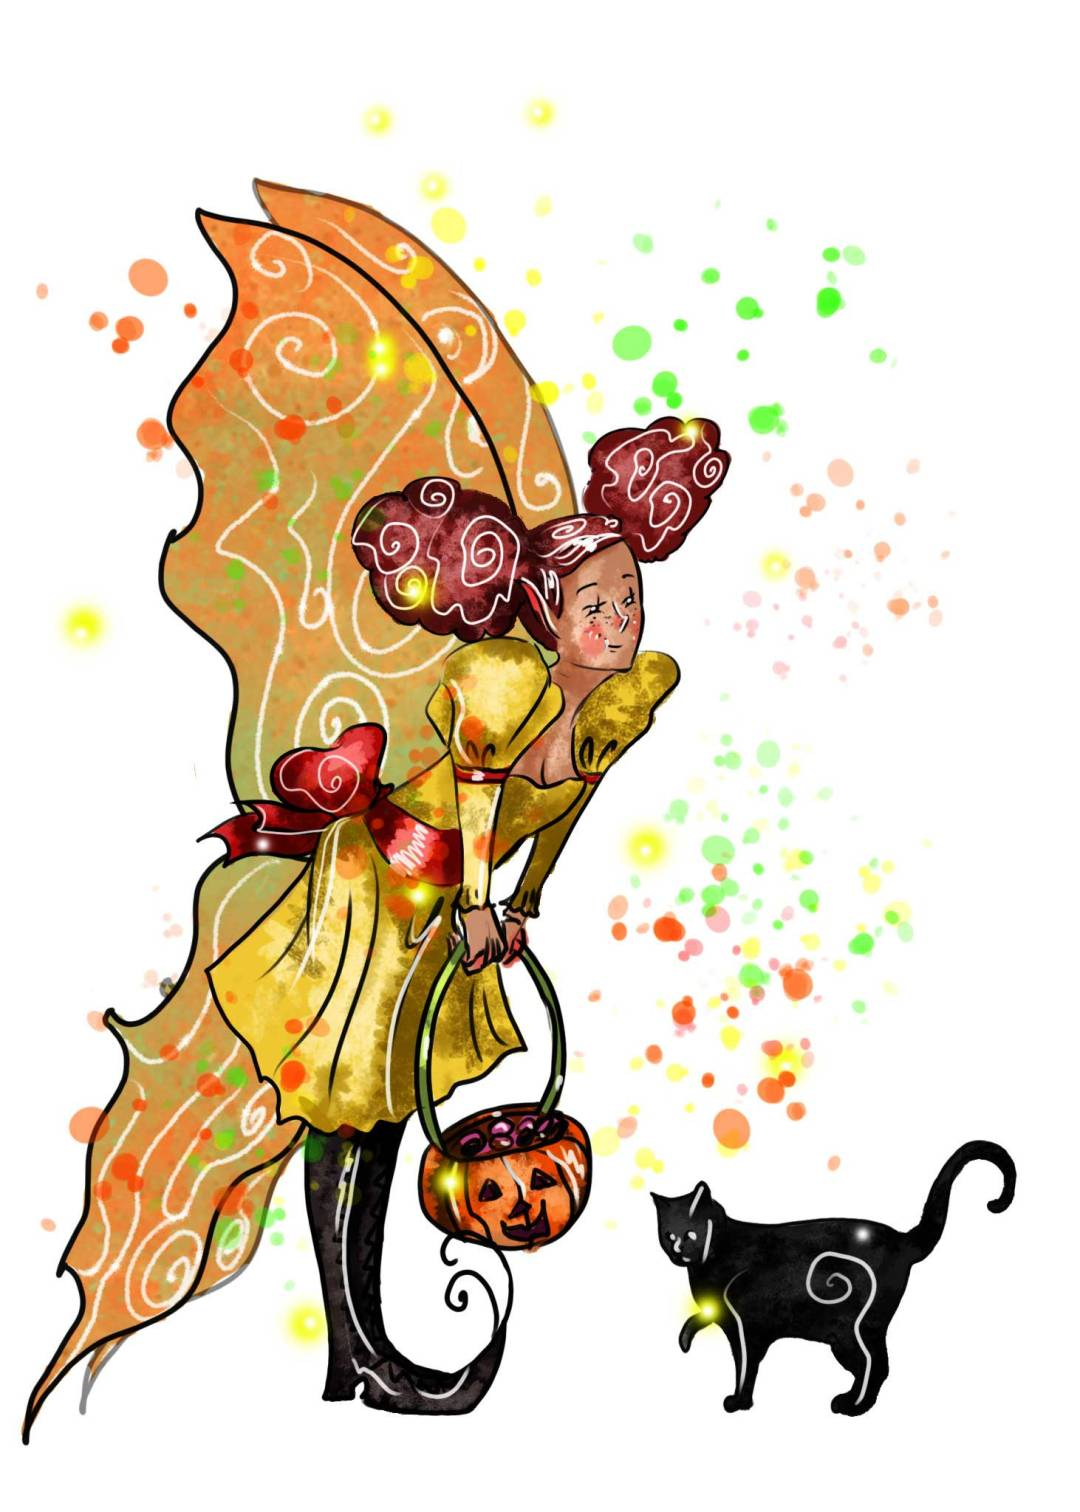 Trixie_Love fairy